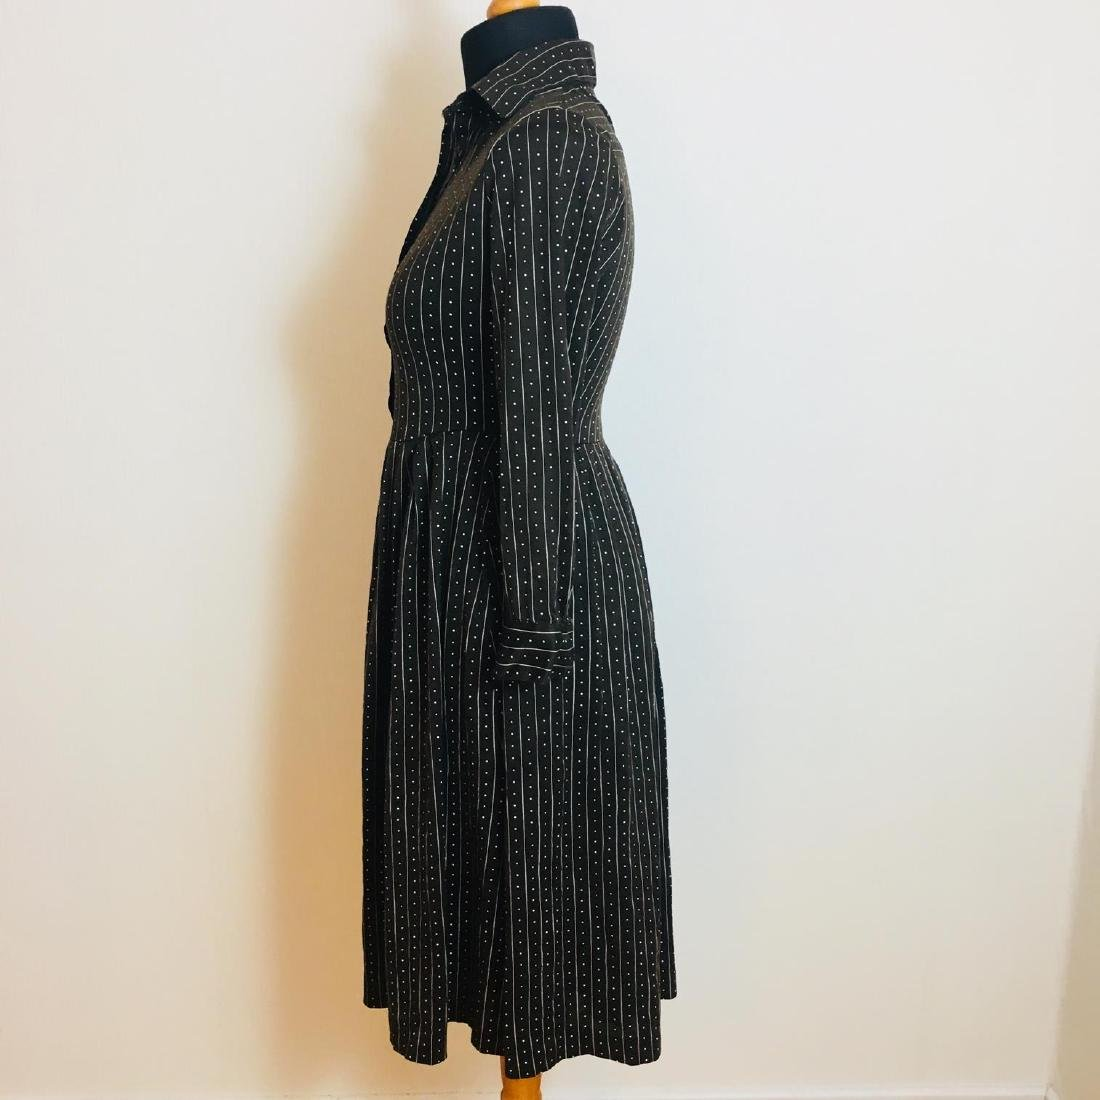 Vintage Women's Cocktail Evening Dress Size EUR 38 US 8 - 5